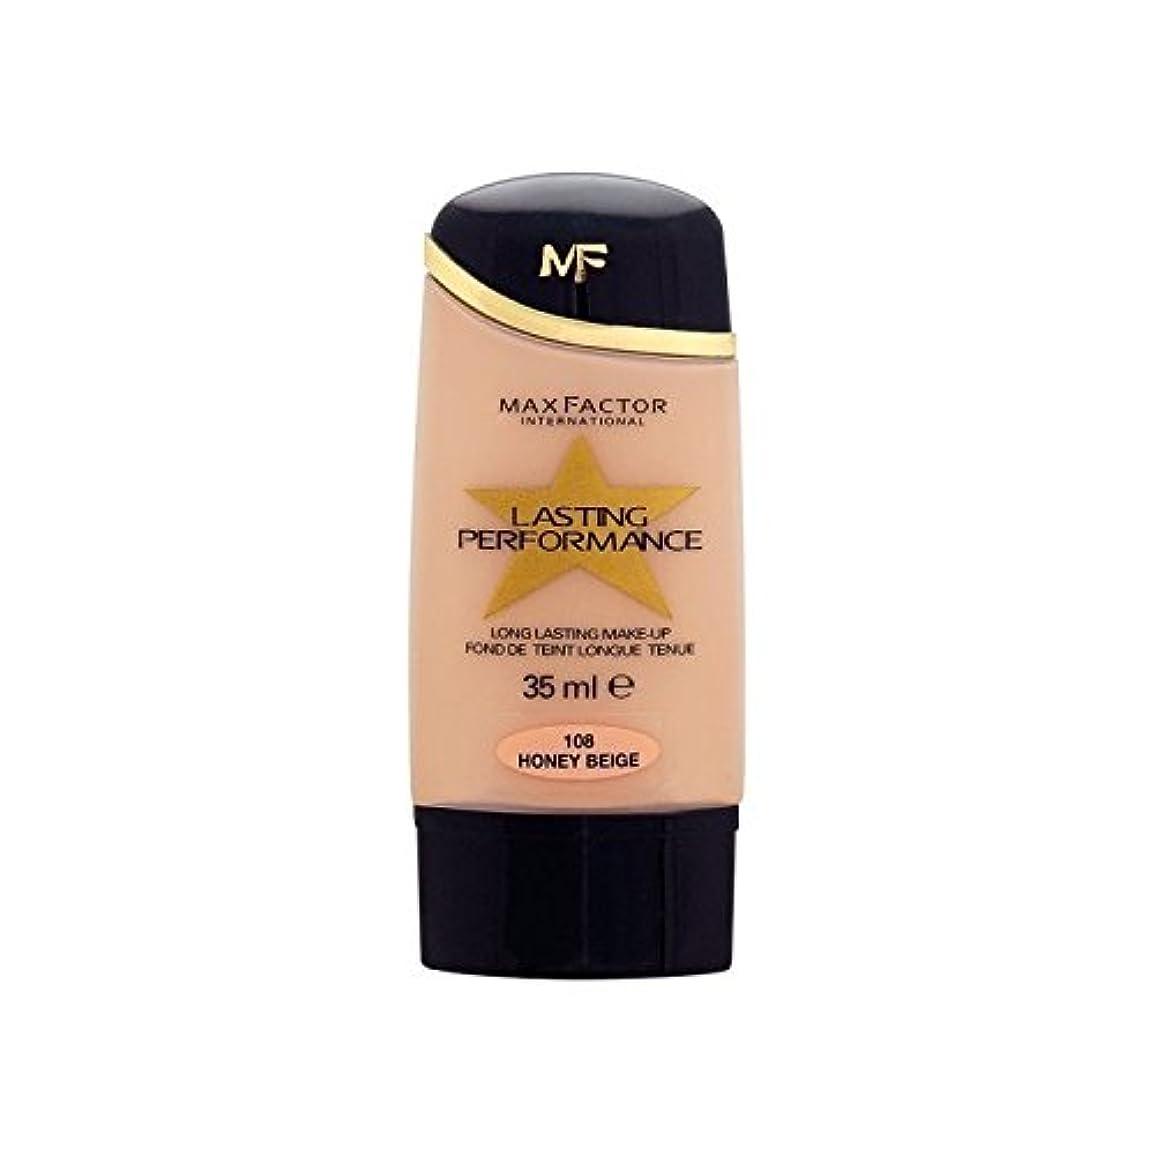 カーテン生き残りクランプマックスファクター持続パフォーマンスの基礎ハニーベージュ108 x4 - Max Factor Lasting Performance Foundation Honey Beige 108 (Pack of 4) [並行輸入品]